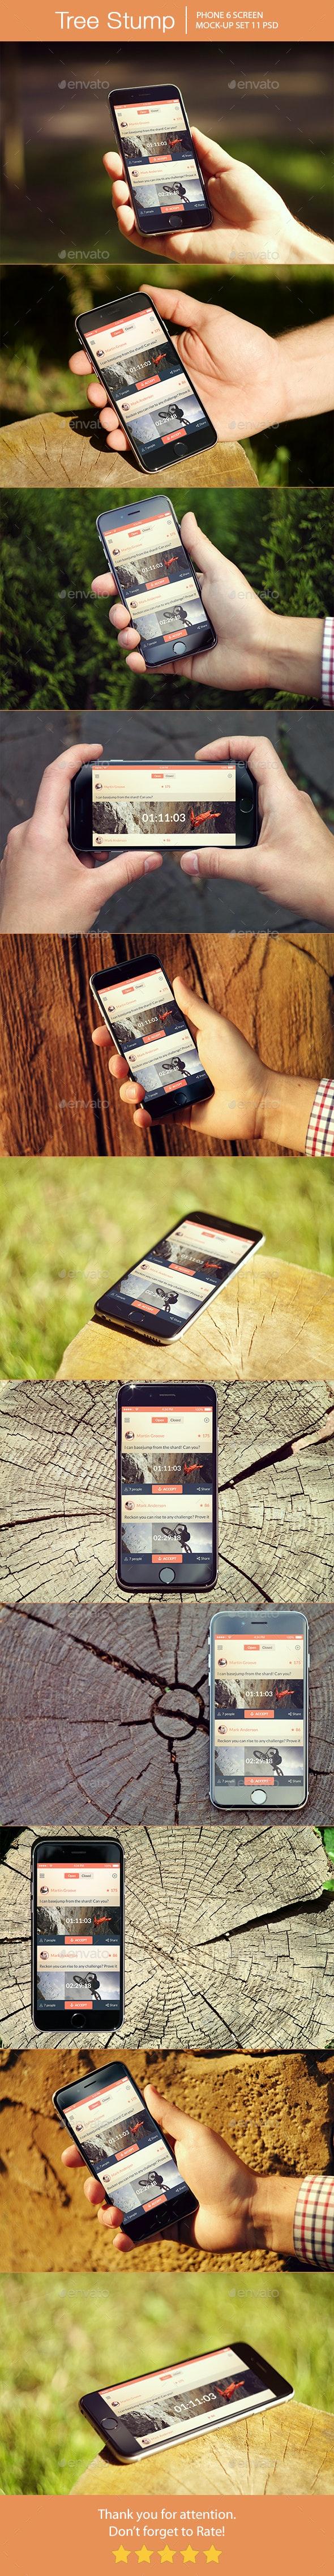 Tree Stump iPhone 6 Mockup - Mobile Displays